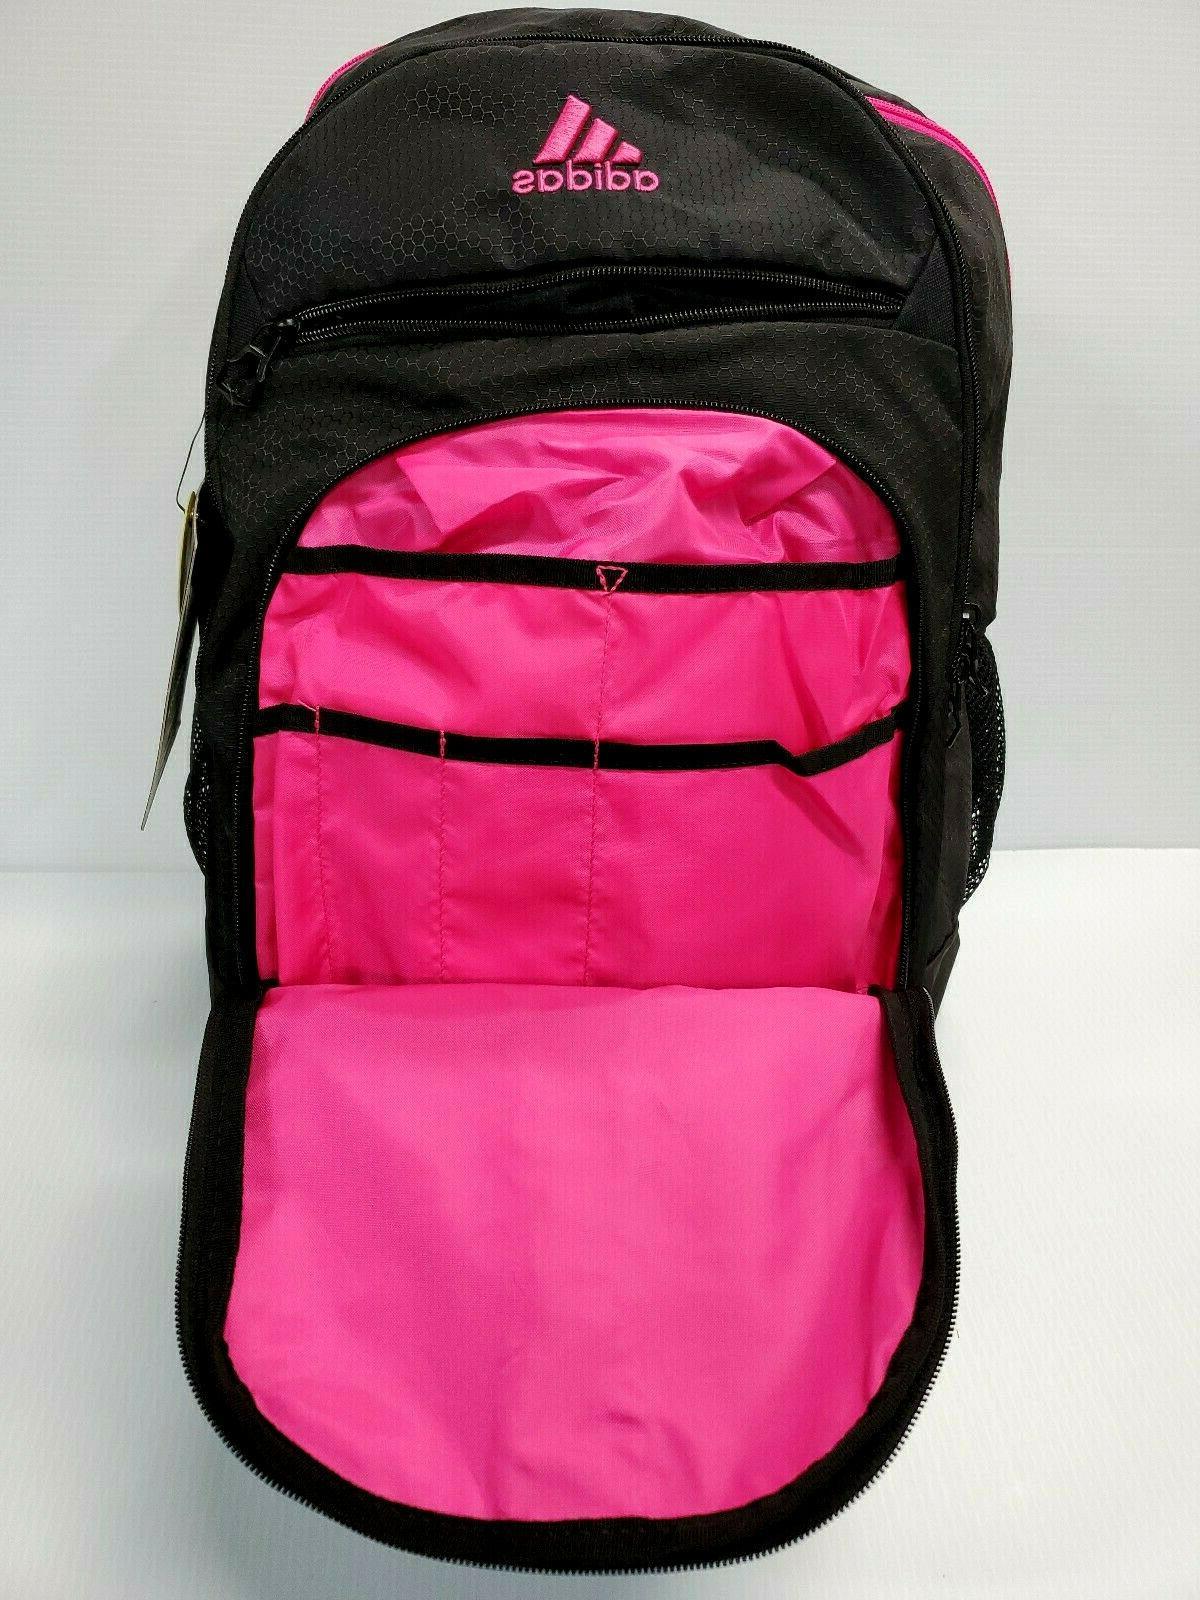 Adidas Prime Pink